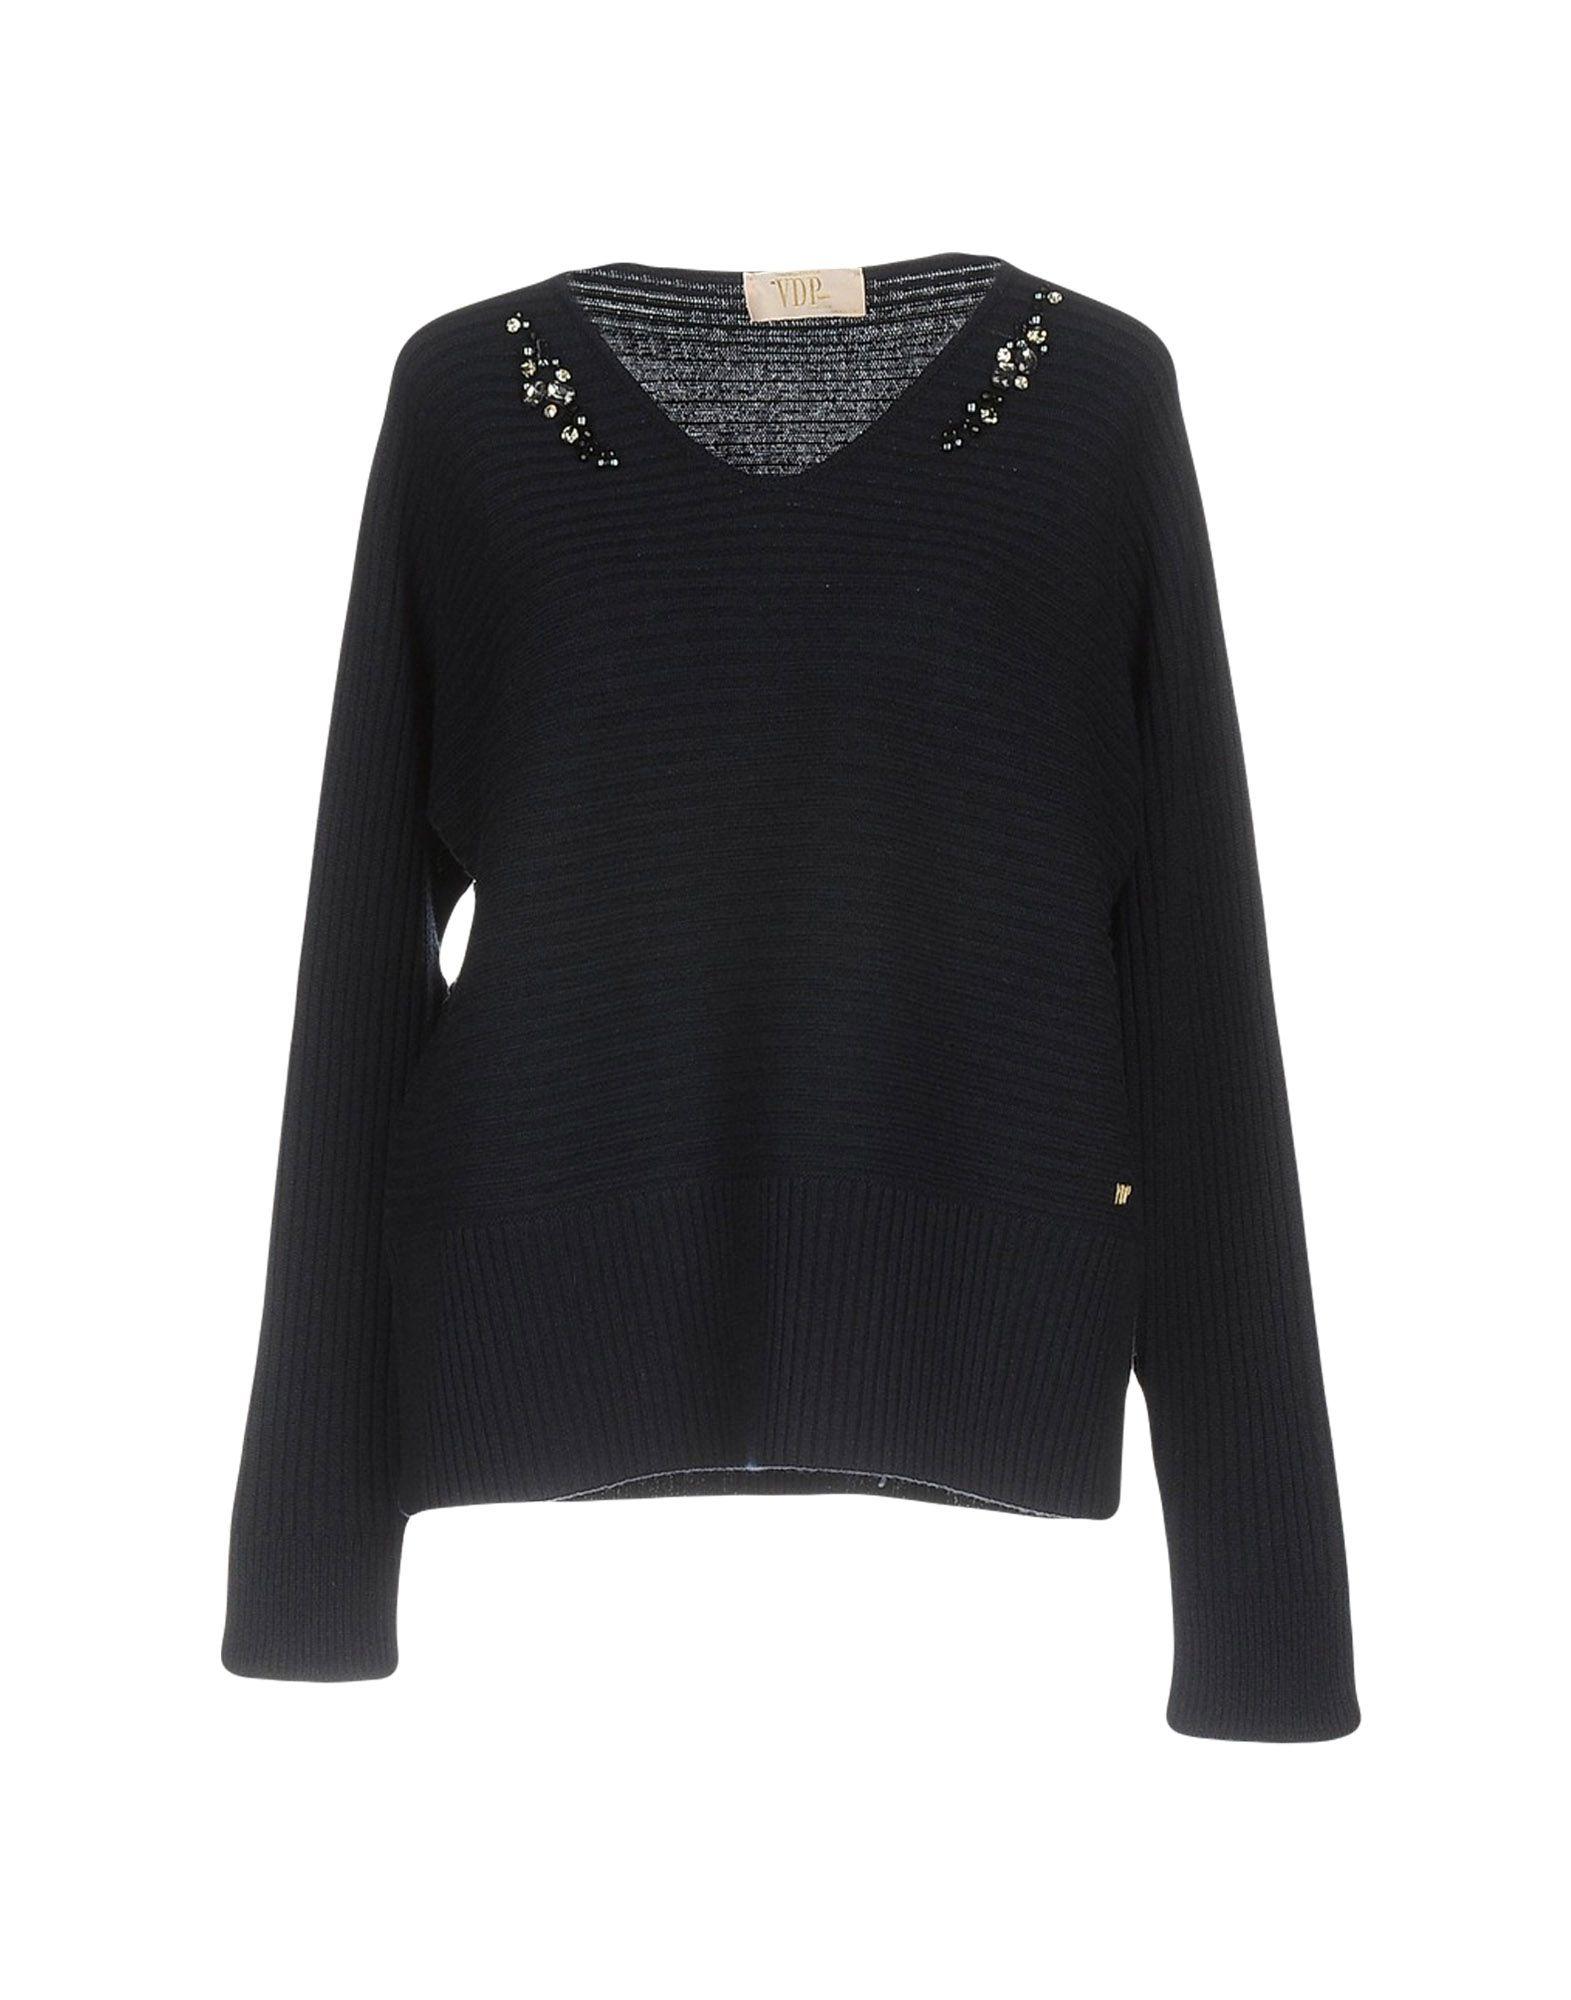 VDP COLLECTION Damen Pullover Farbe Dunkelblau Größe 5 jetztbilligerkaufen